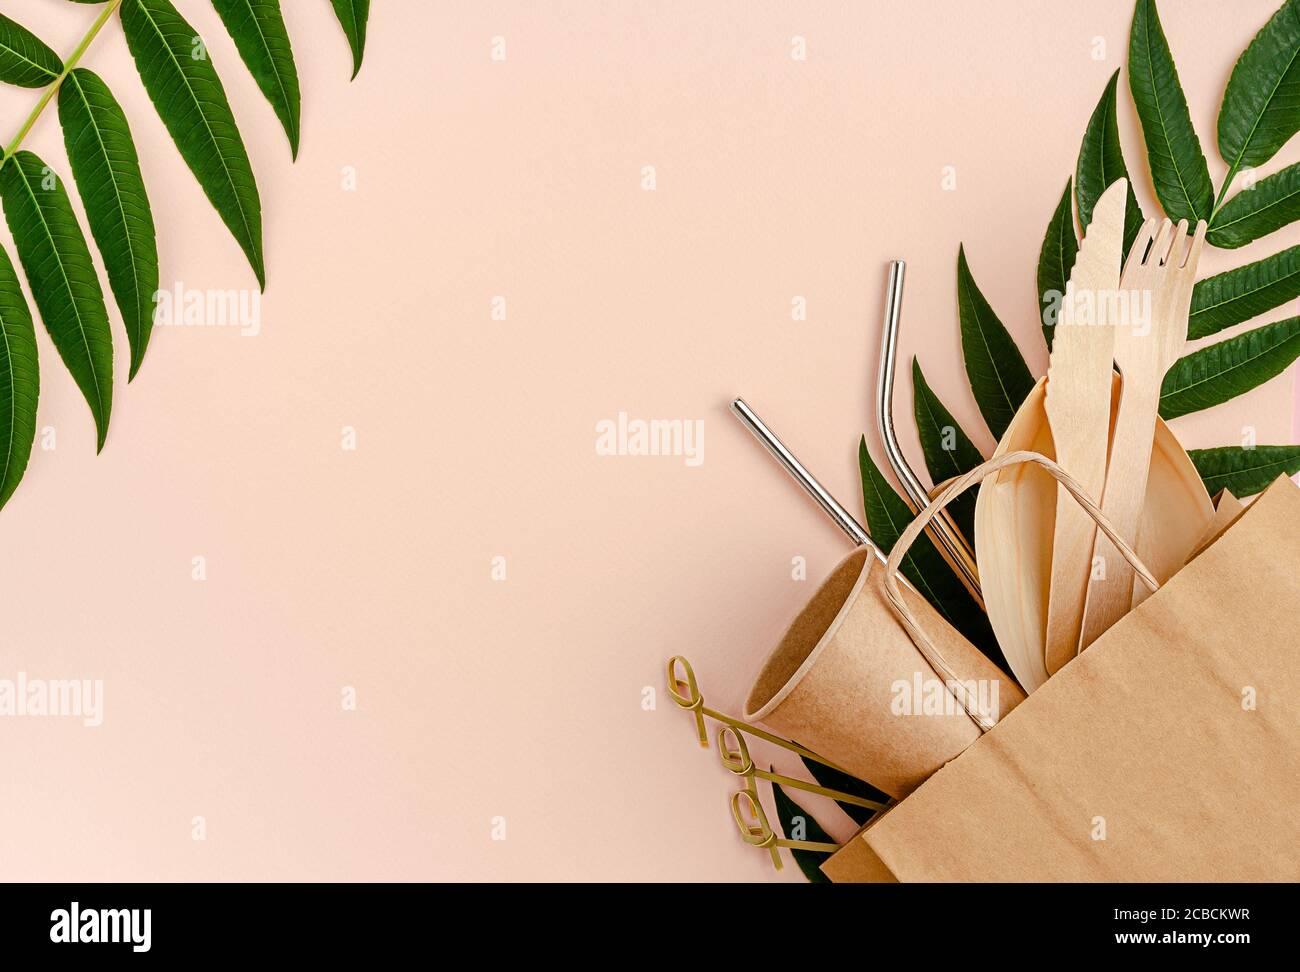 Juego libre de plástico con bambú, cubiertos de papel y pajitas de metal sobre fondo rosa. Concepto de cero residuos. Foto de stock